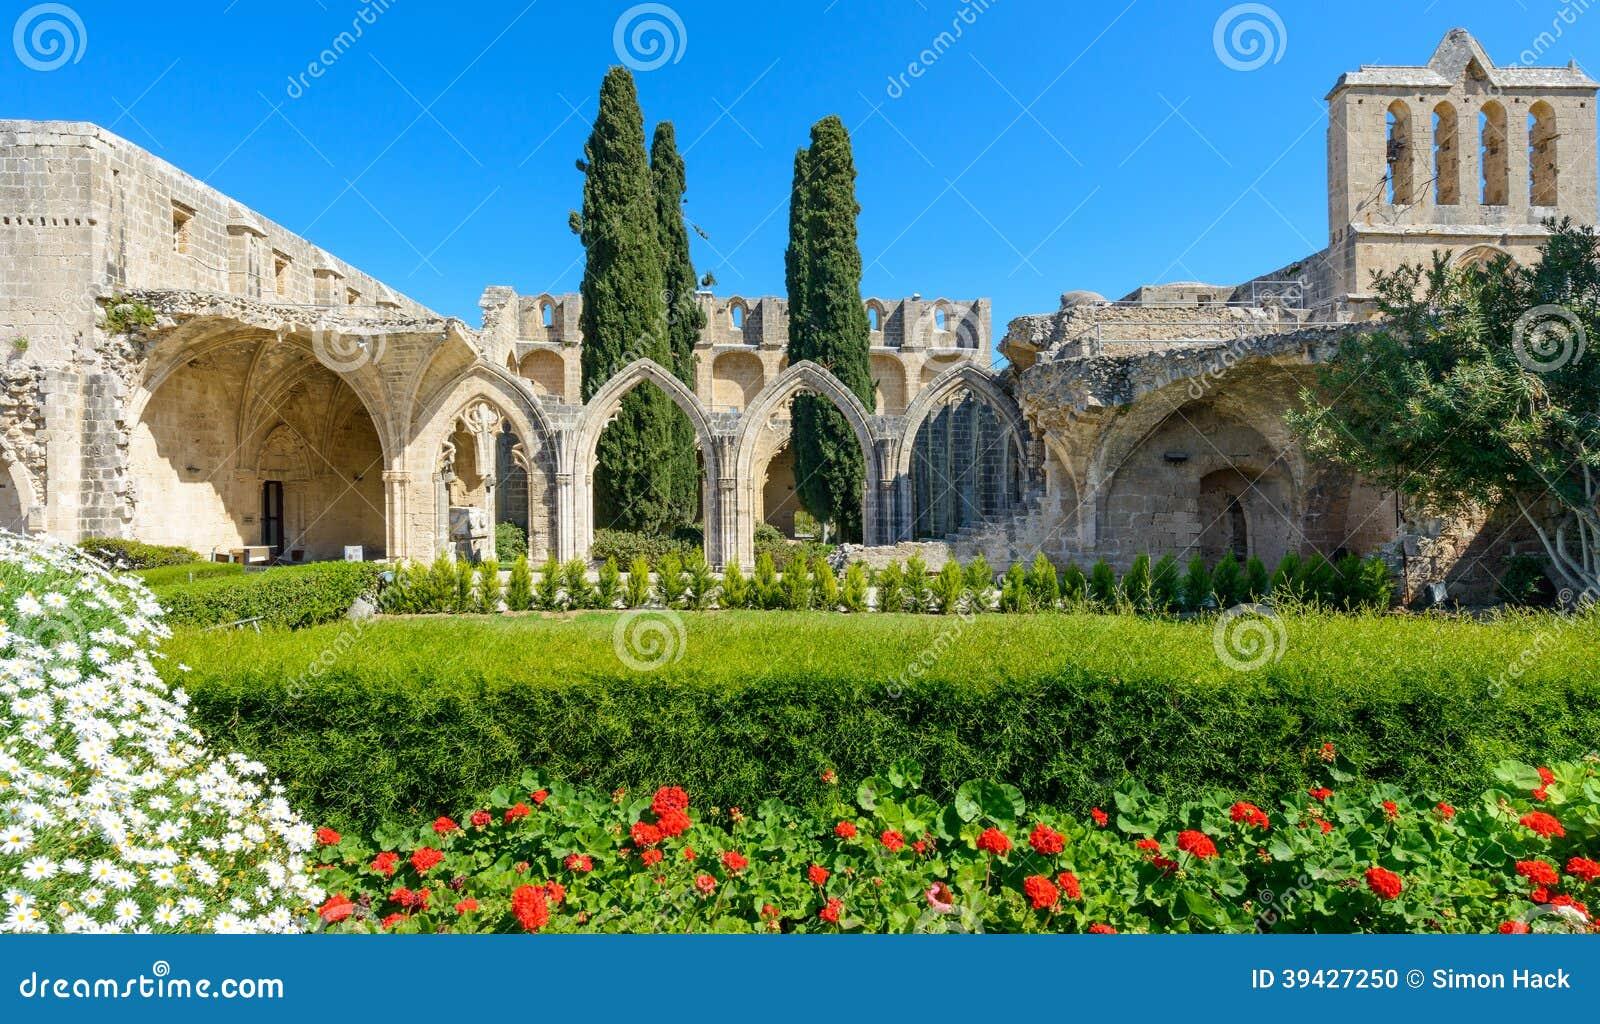 De 13de eeuw Gotisch klooster in Bellapais, noordelijk Cyprus 4